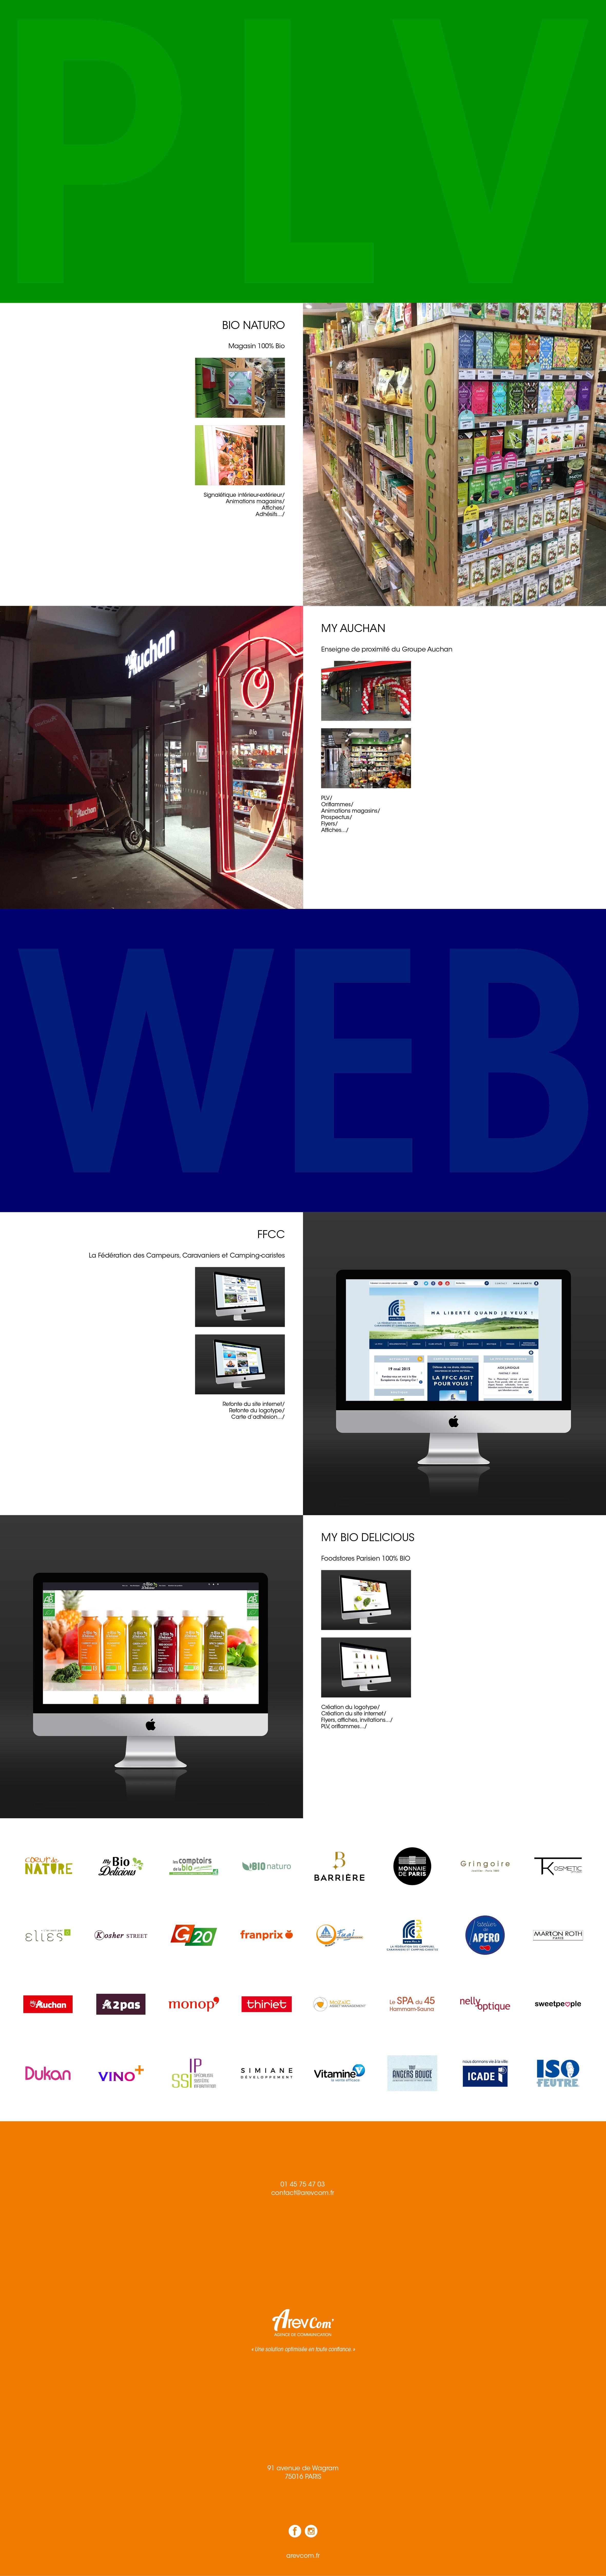 BOOK-Site-arevcom-agence-communicatio3